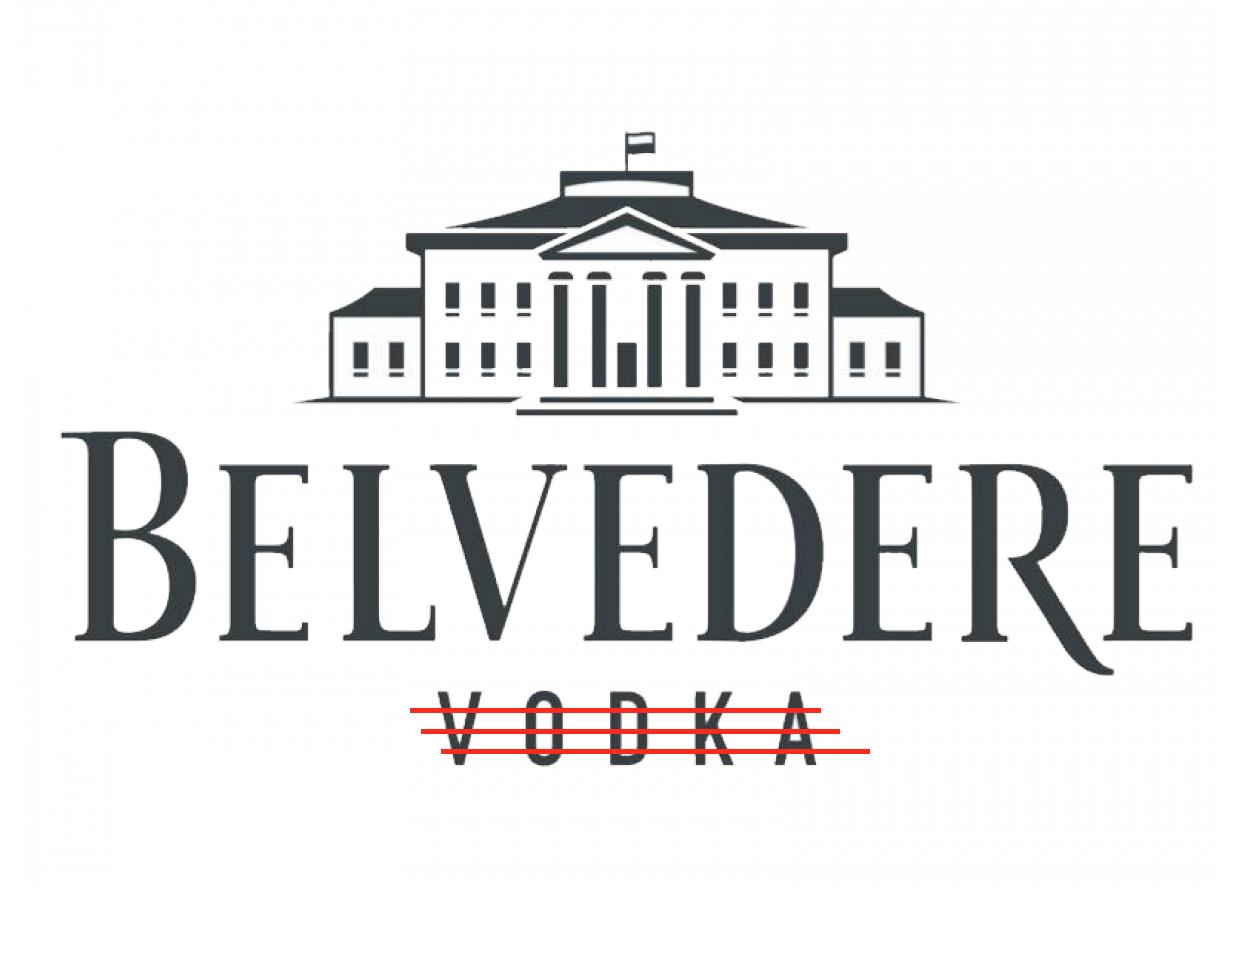 GRATIS Einritt - Oberes Belvedere Wien - 28.6.2019 - 18-21 Uhr